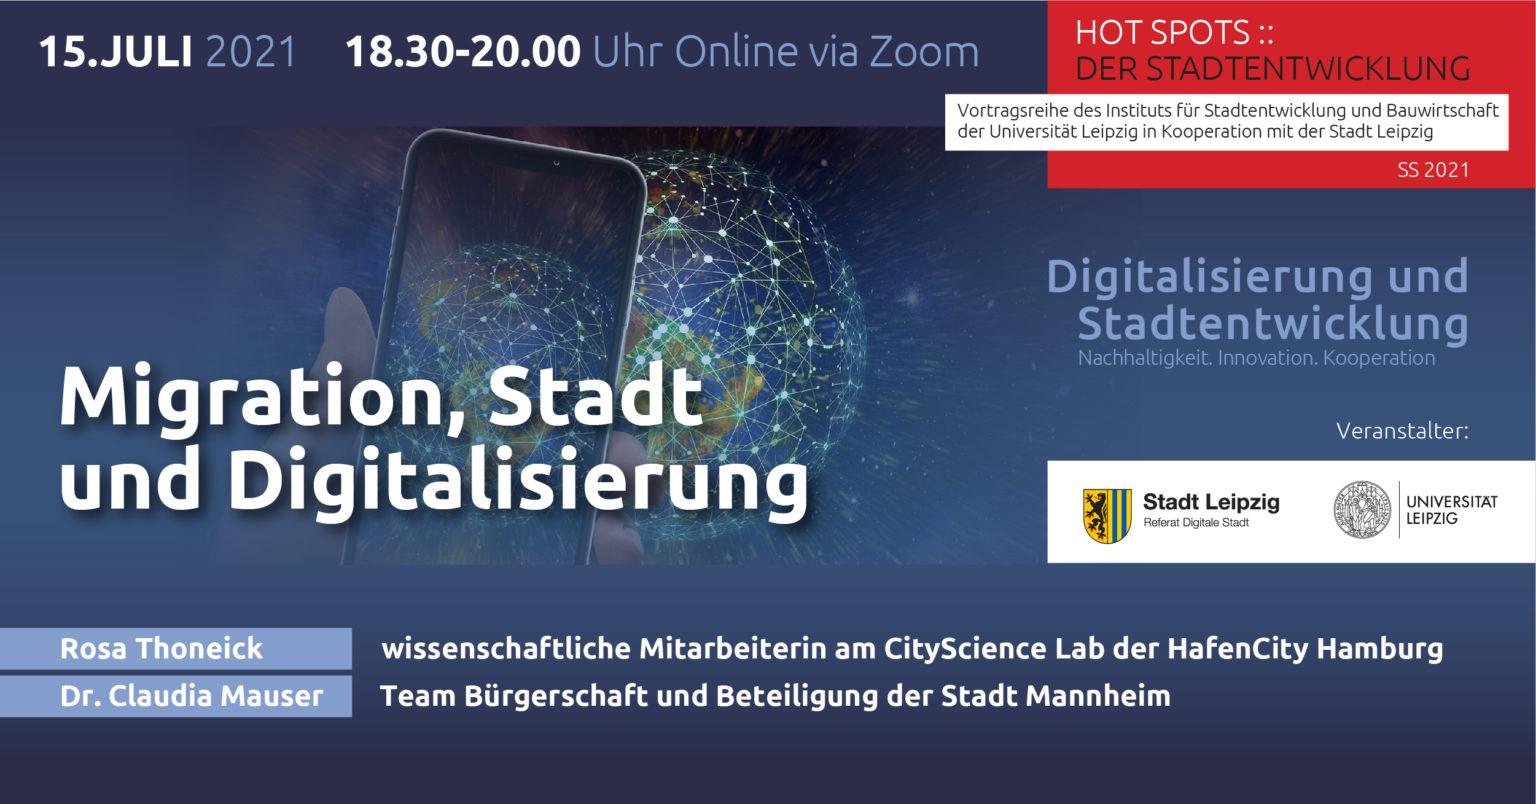 Flyer HOTSPOTS:: Der Stadtentwicklung Veranstaltungsreihe Sommersemester 2021, alle Infos im Artikel